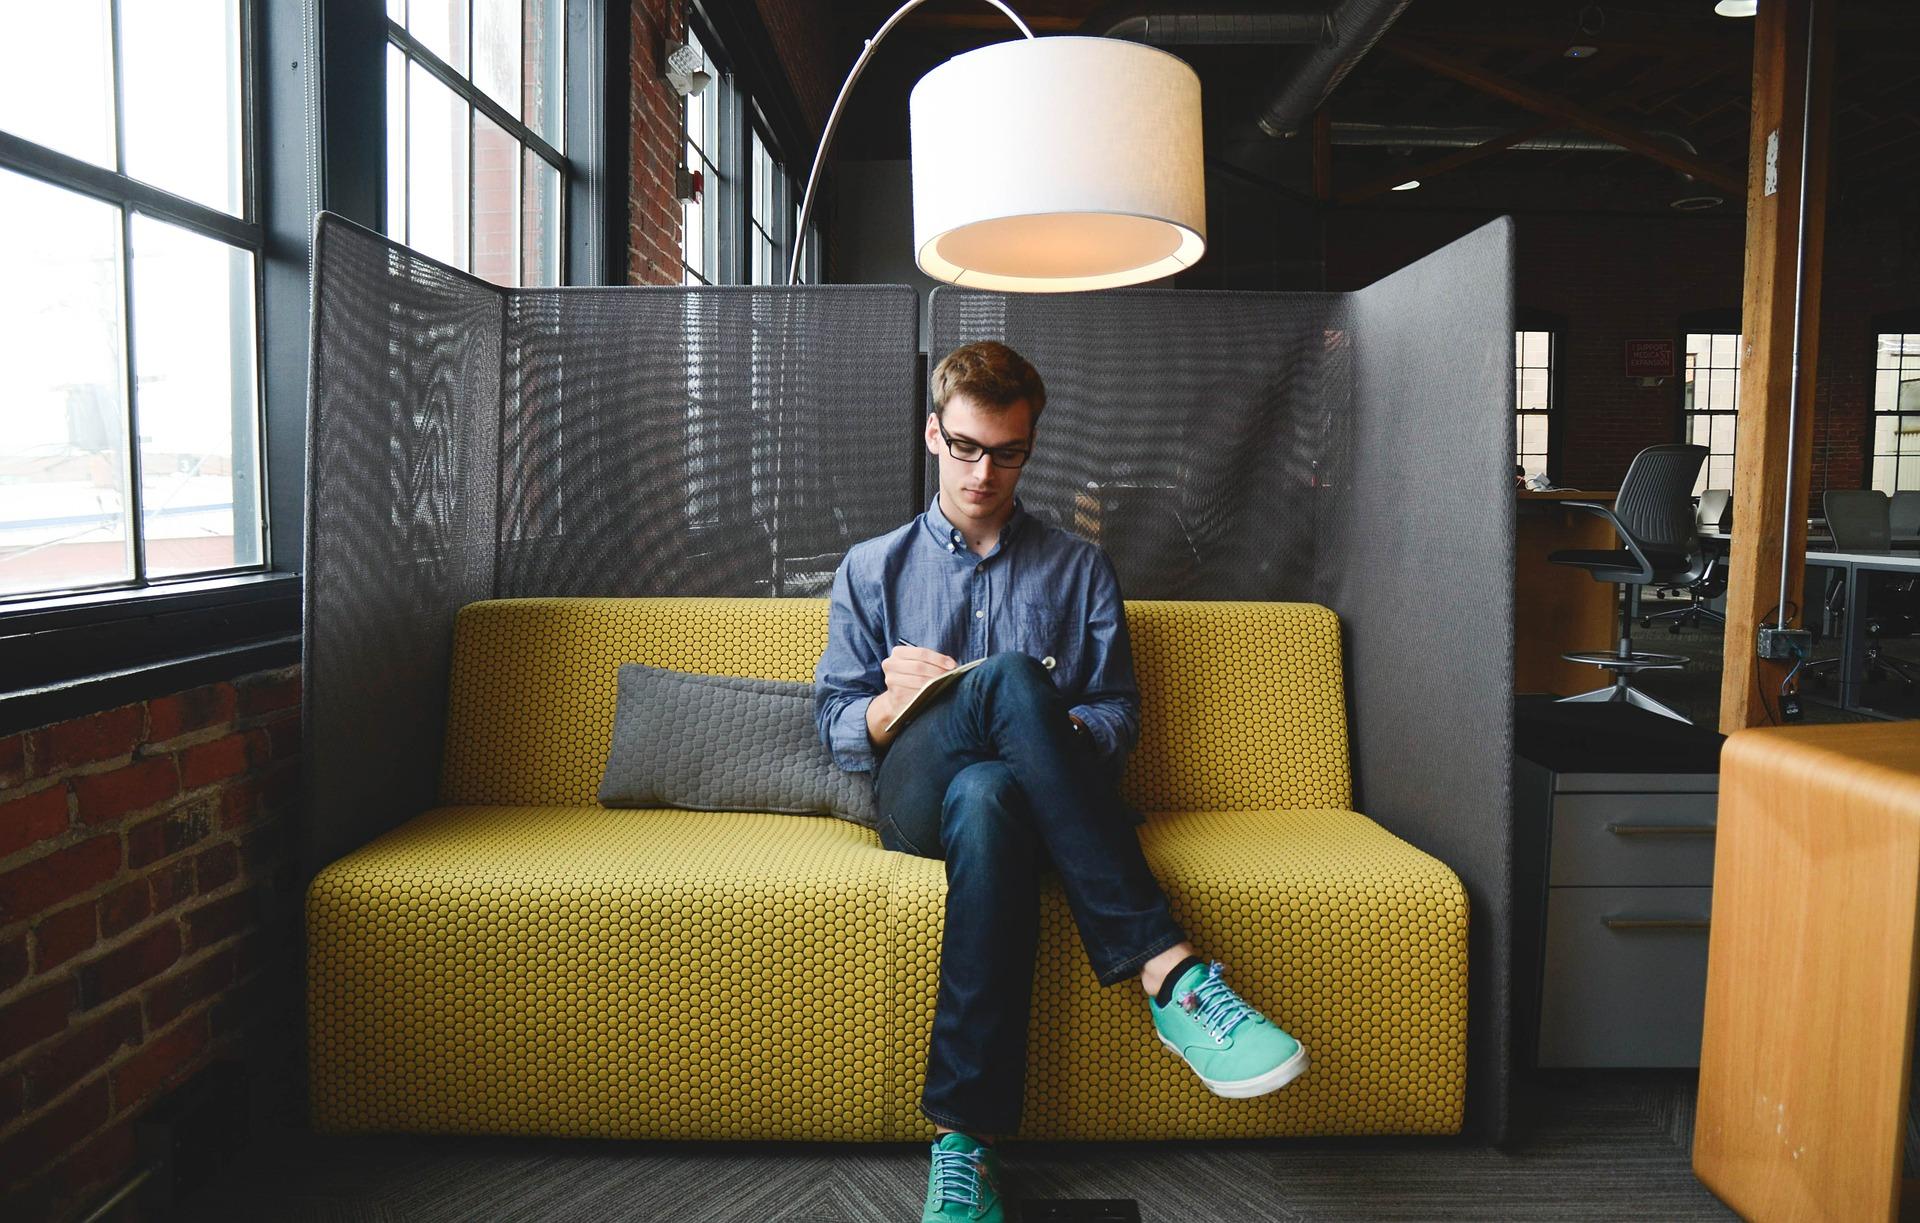 Gründung einer europaweit ausgerichteten Unternehmergesellschaft (haftungsbeschränkt)